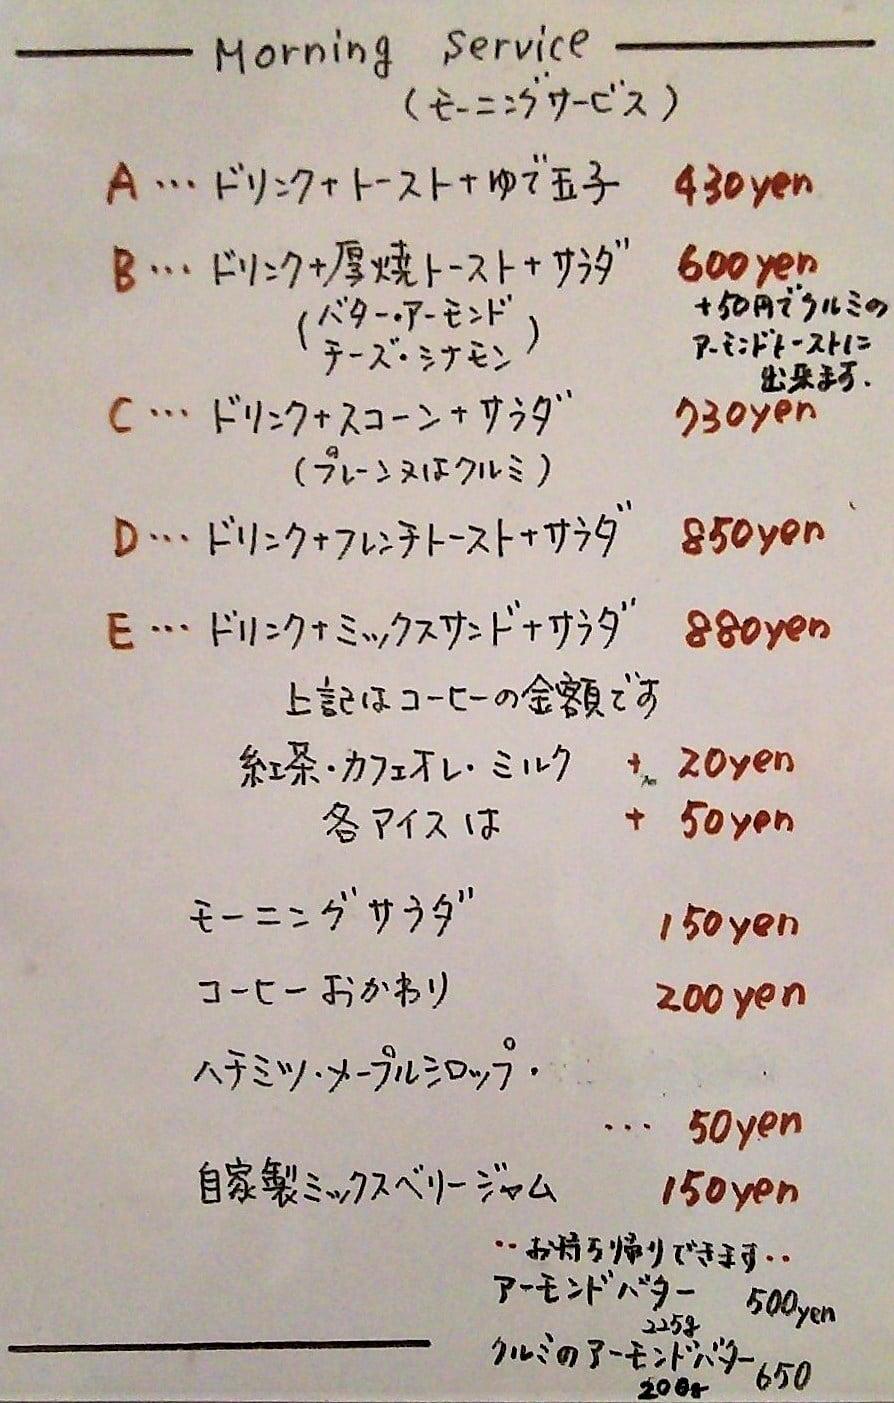 カフェラダダのモーニングメニューA~Eセット:文字のみ